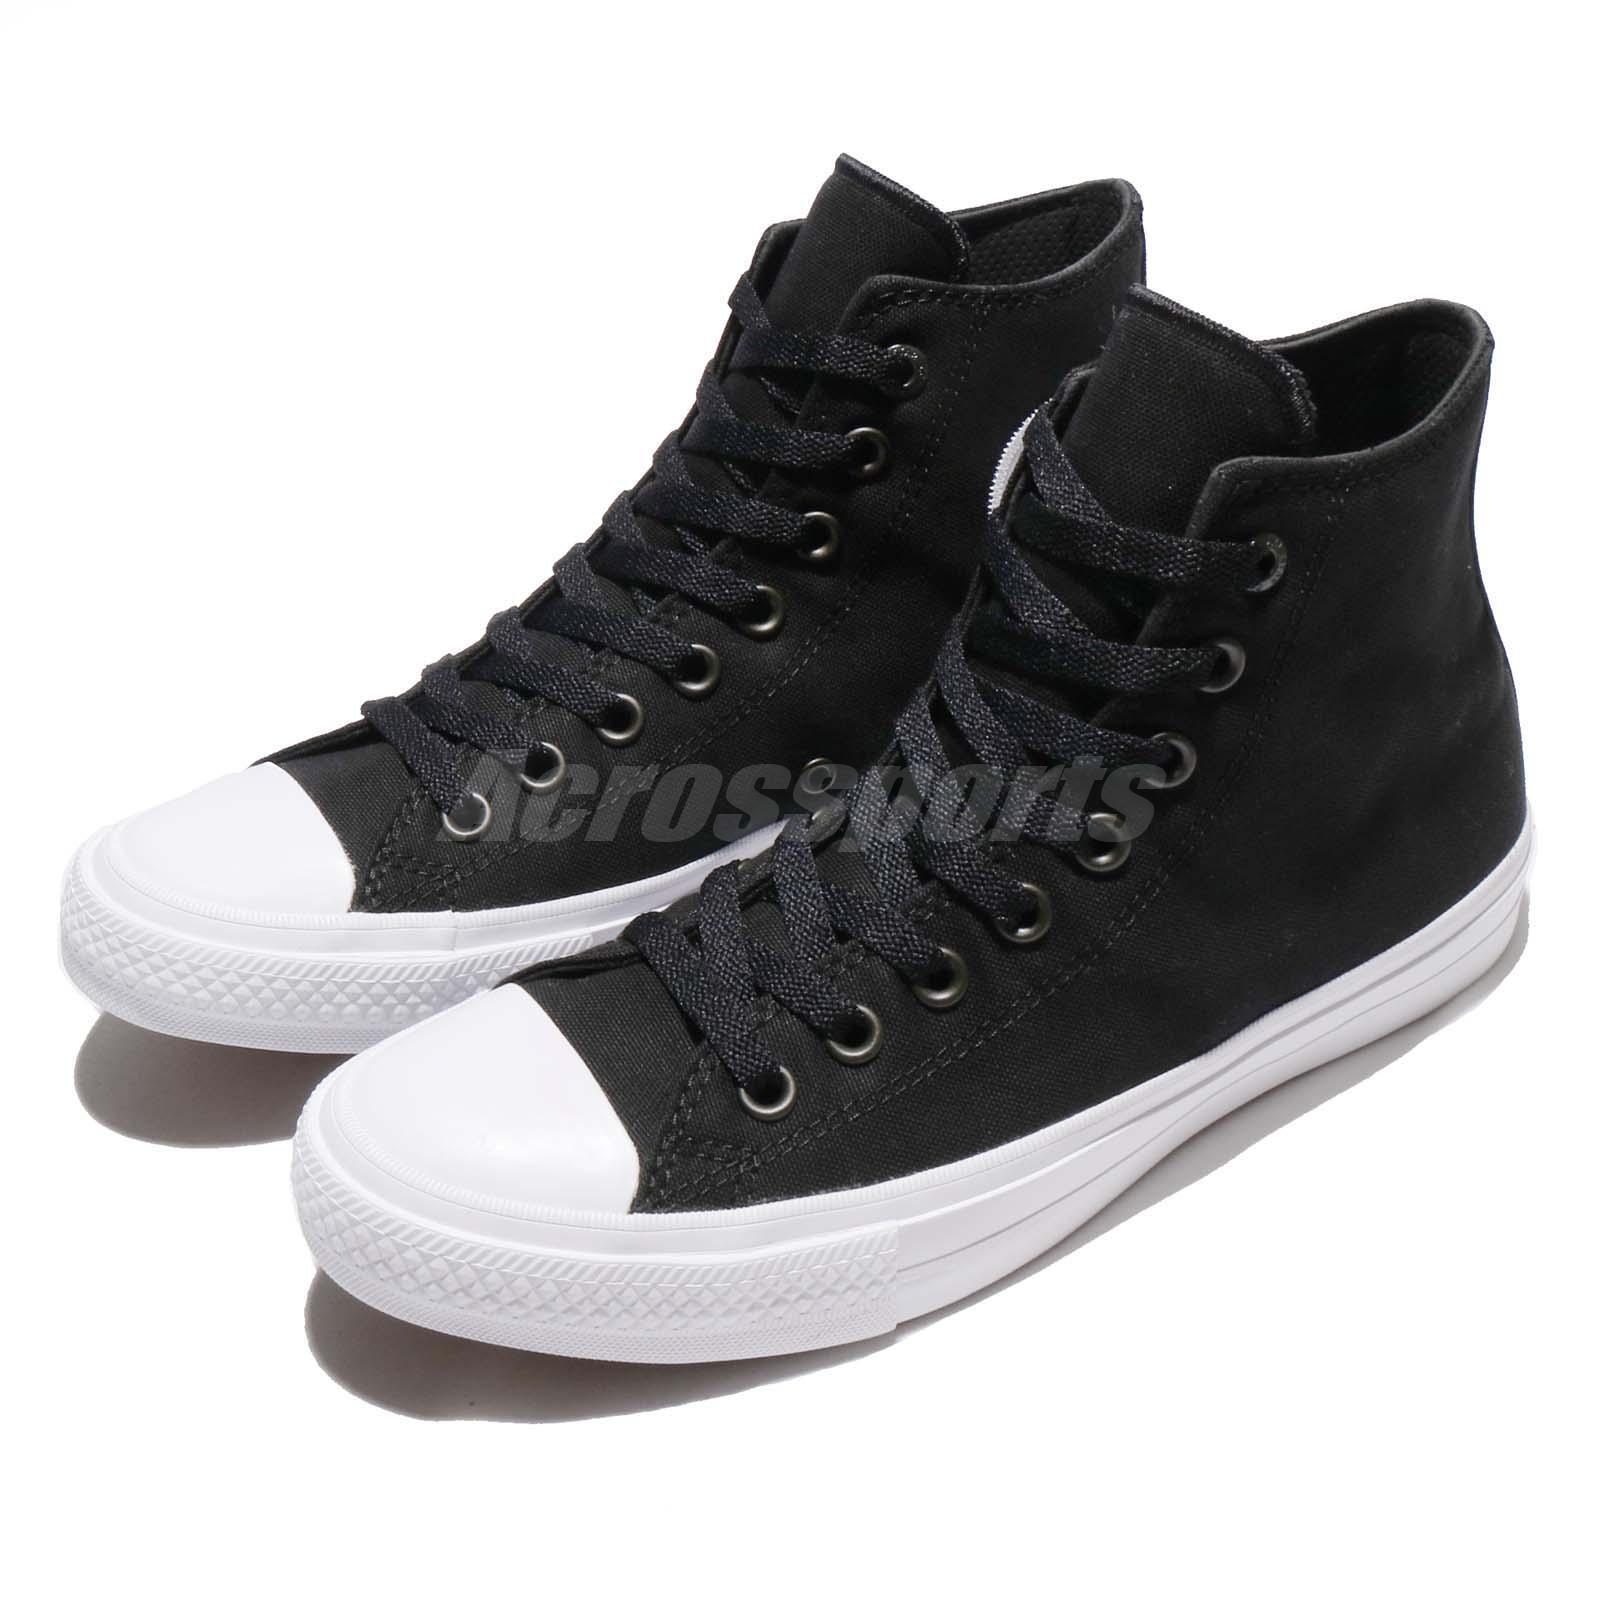 Converse Chuck Taylor All Star Signature II 2 Lunarlon Noir Men Chaussures 150143C